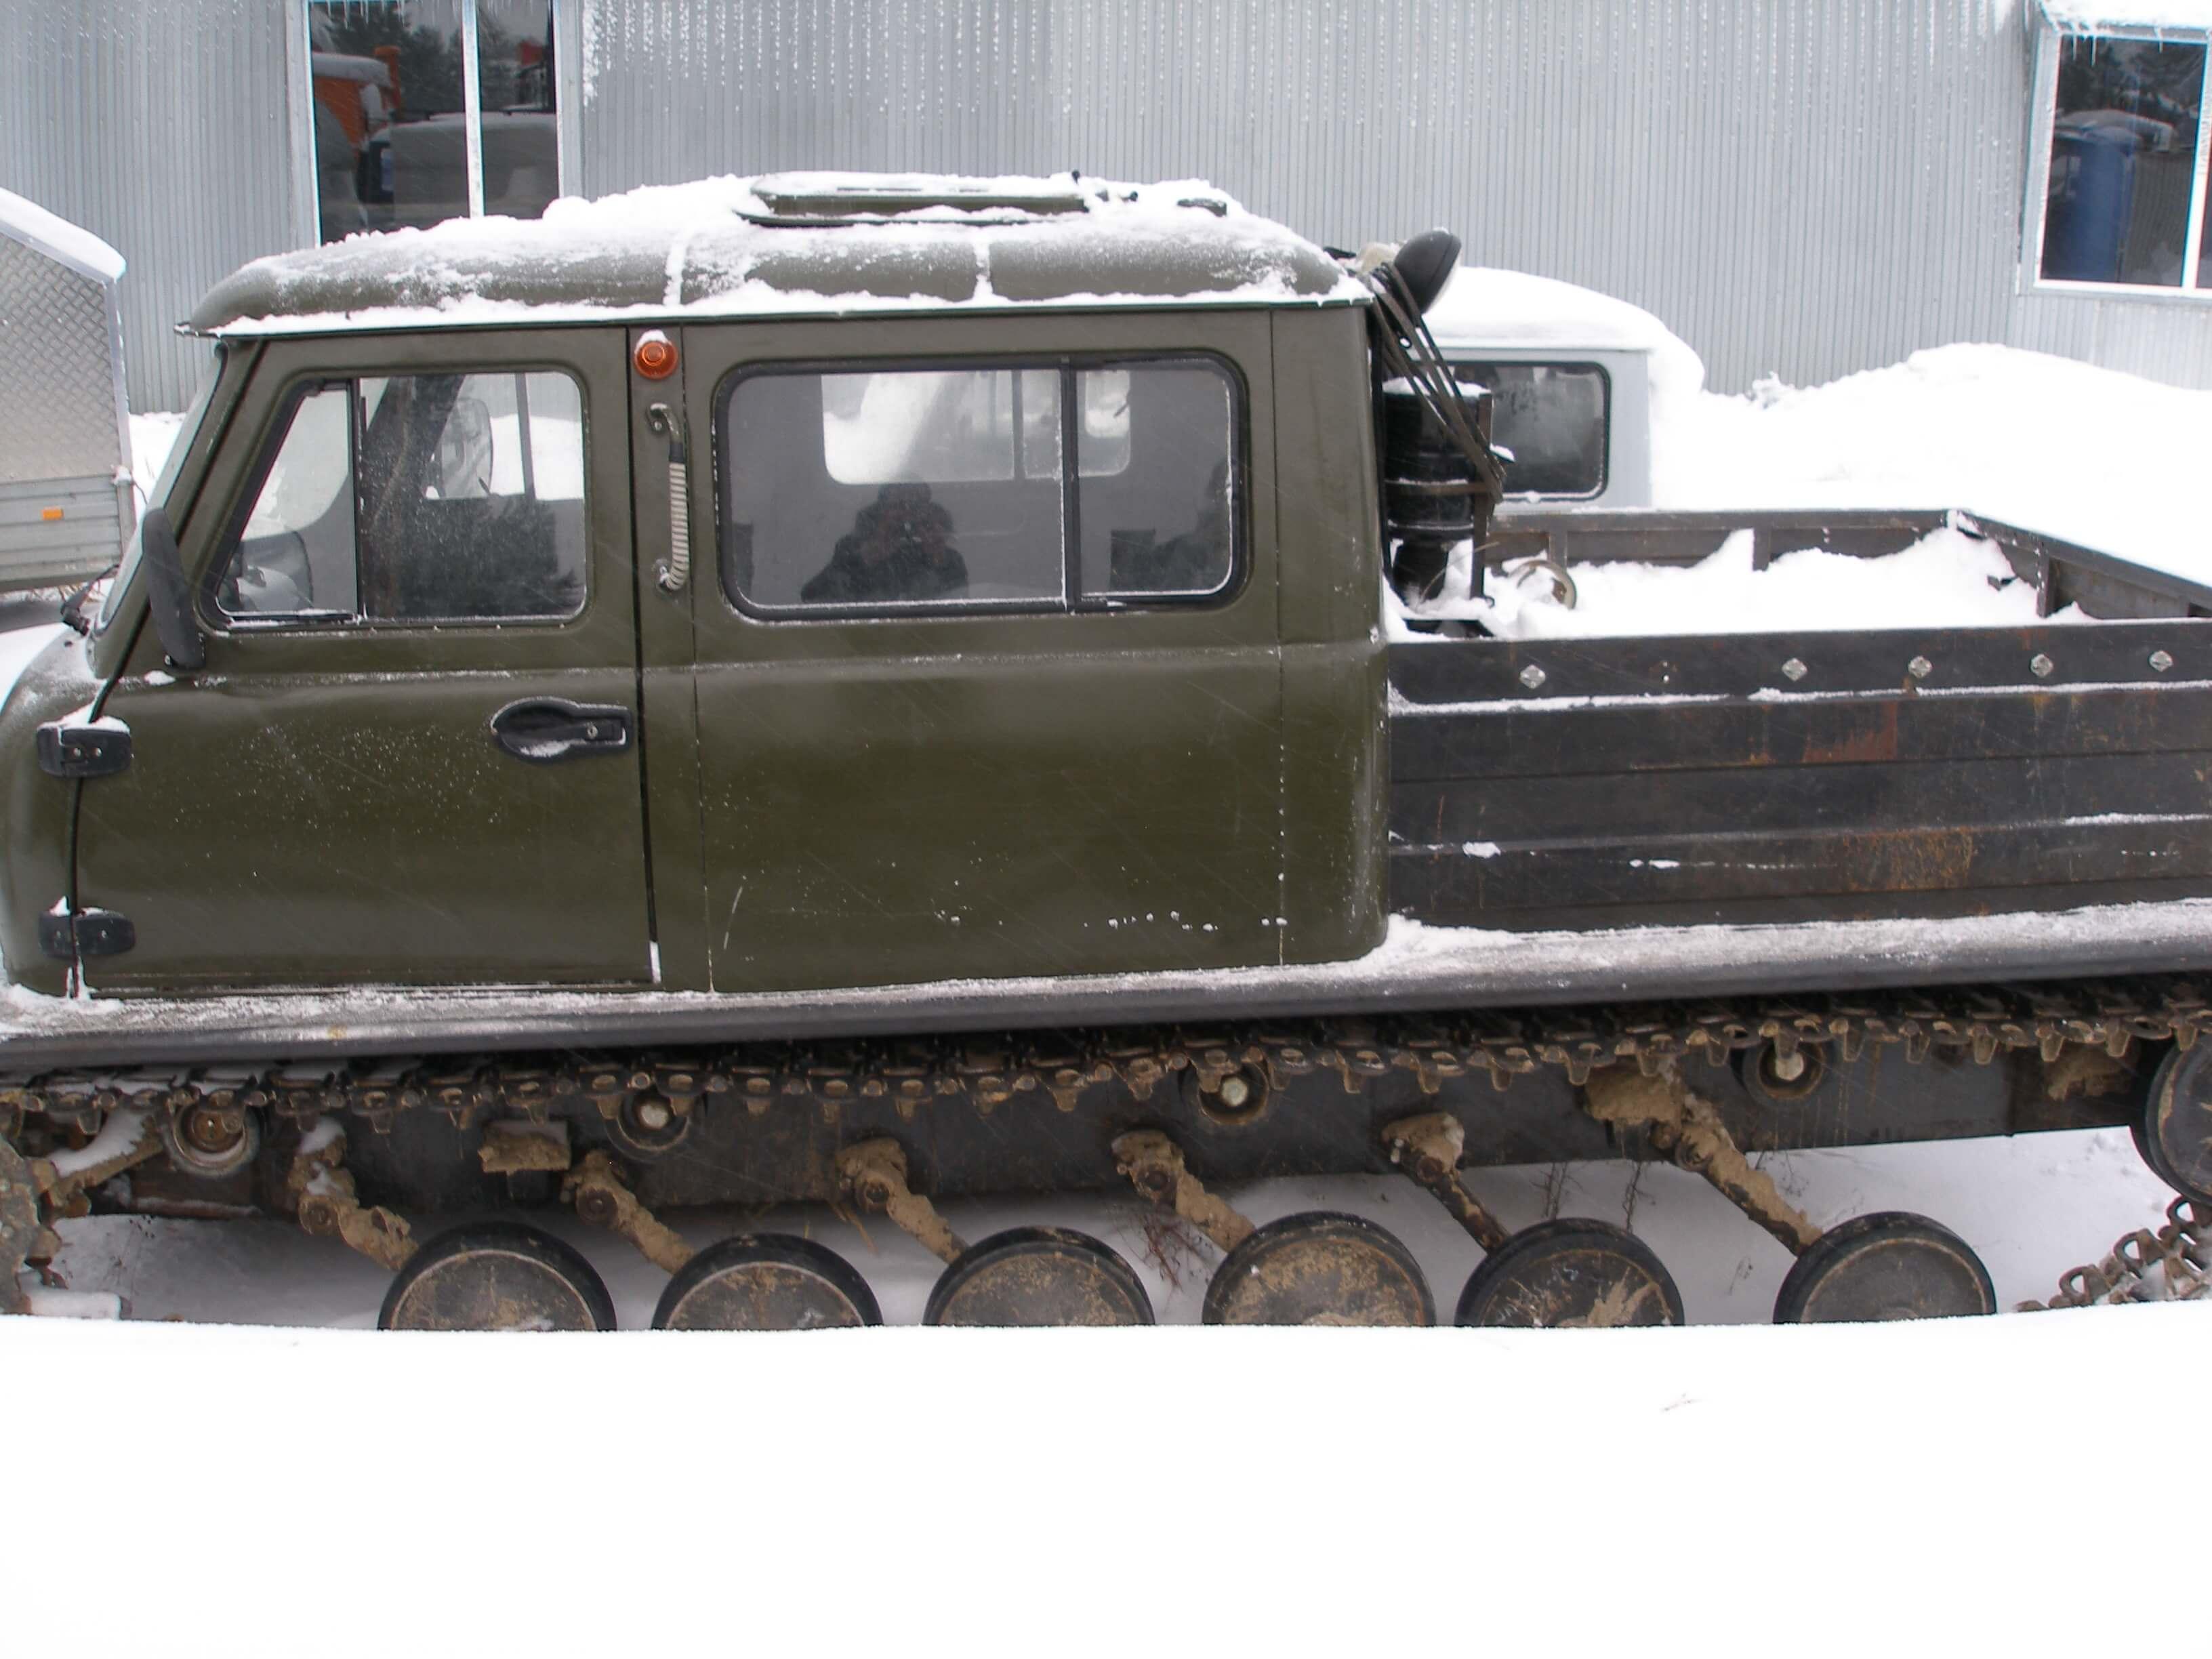 Гусеничный снегоболотоход ЗВМ-2410 Узола